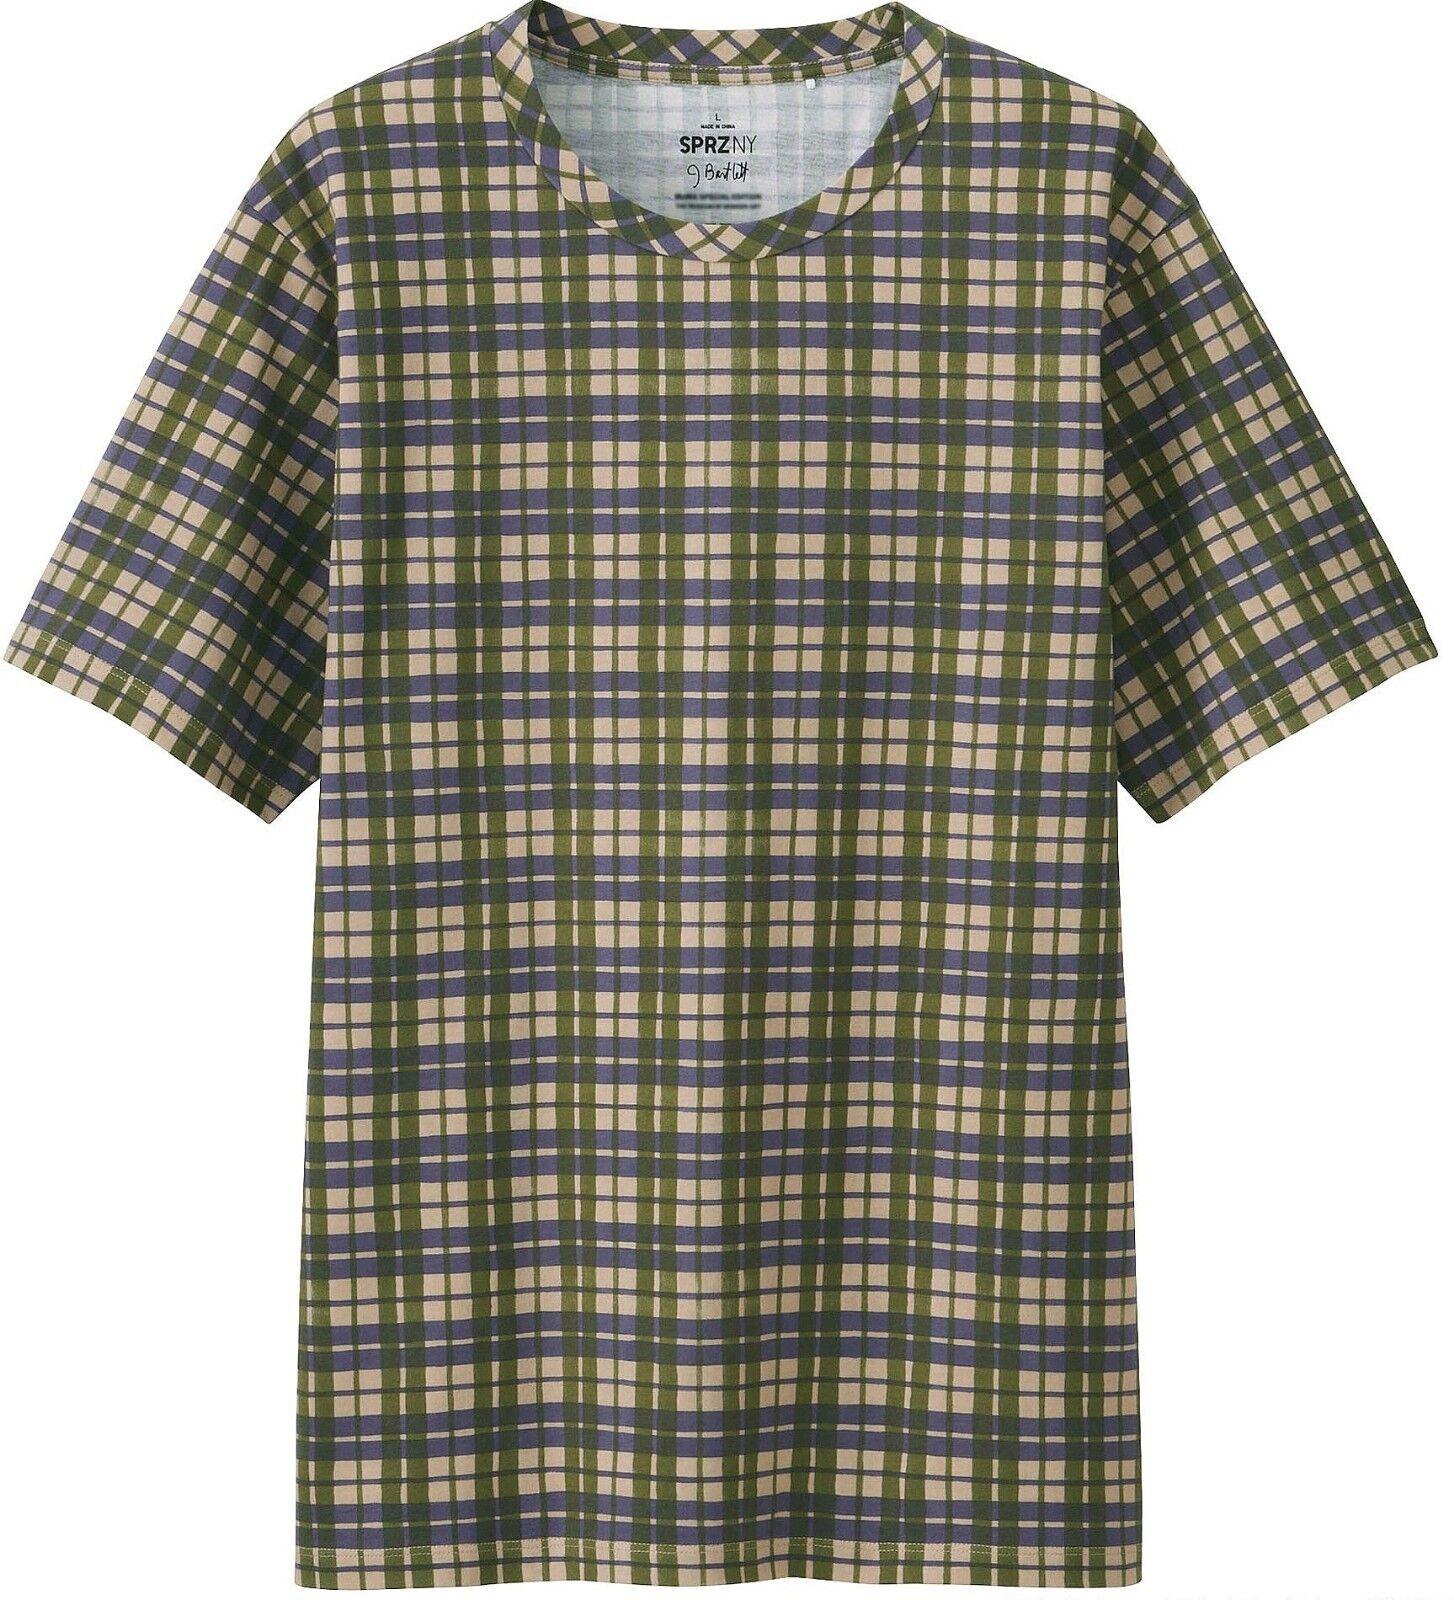 JENNIFER BARTLETT x UNIQLO 'Rhapsody (Grün   lila Plaid)' Art T-Shirt S NWT